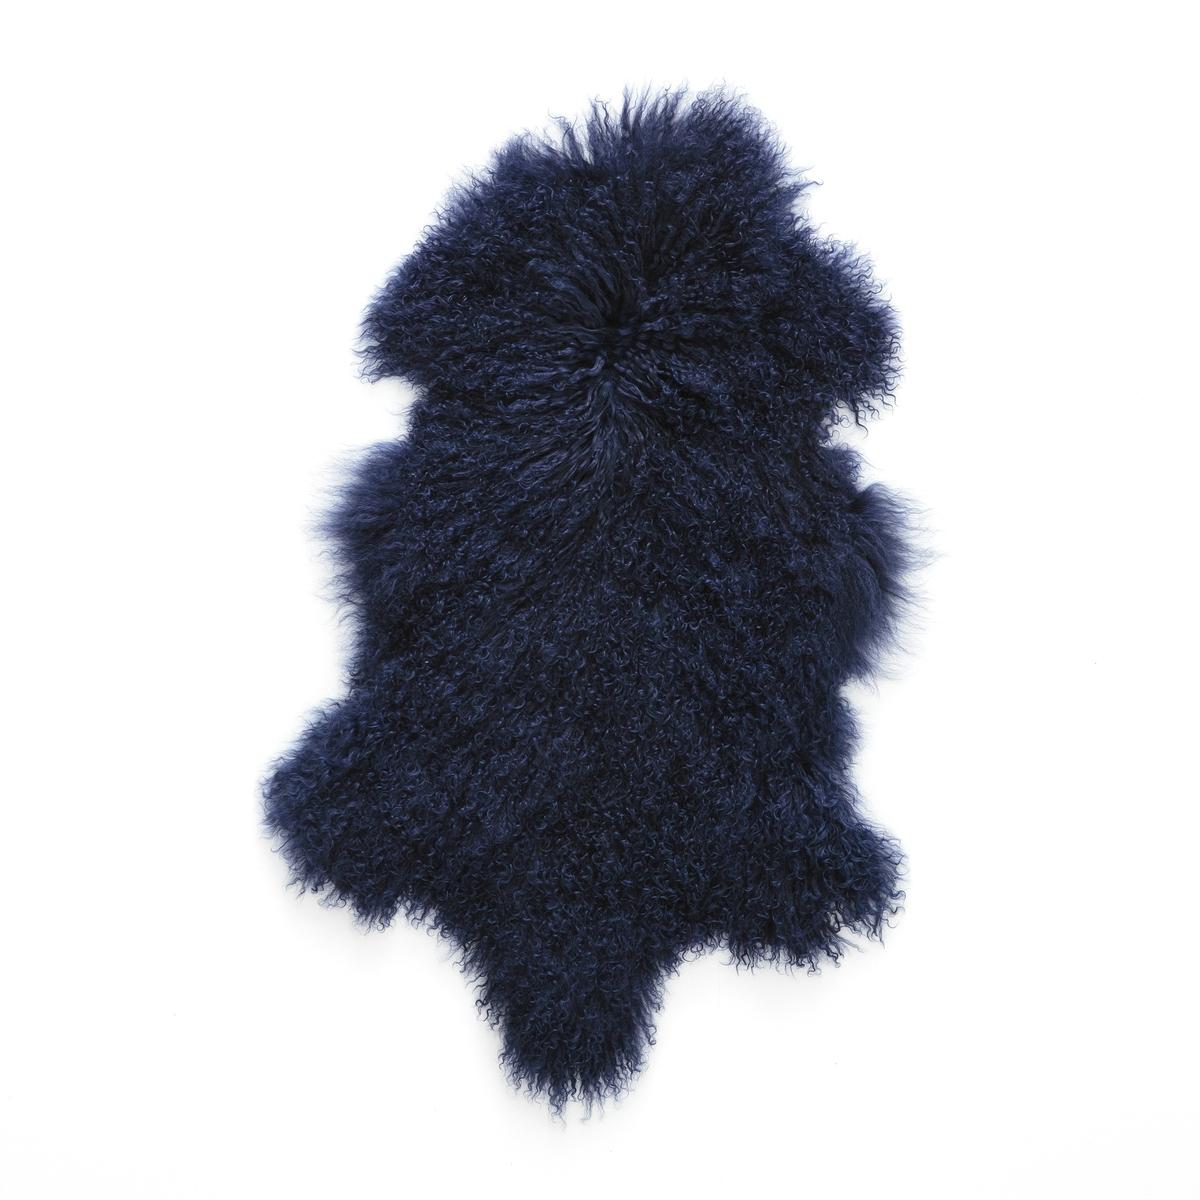 Овечья шкура OSIAДля декора в духе времени и несравненного комфорта используйте эту чудесную овечью шкуру из 100% монгольской шерсти в качестве покрывала на кресло или прикроватный коврик, эффект-гарантирован!Описание прикроватного коврика из овечьей шкуры Osia :100% овечья шерсть из Монголии . Размеры прикроватного коврика из овечьей шкуры Osia :55 x 90 см.Найдите нашу коллекцию Osia на сайте laredoute.ru<br><br>Цвет: синий морской